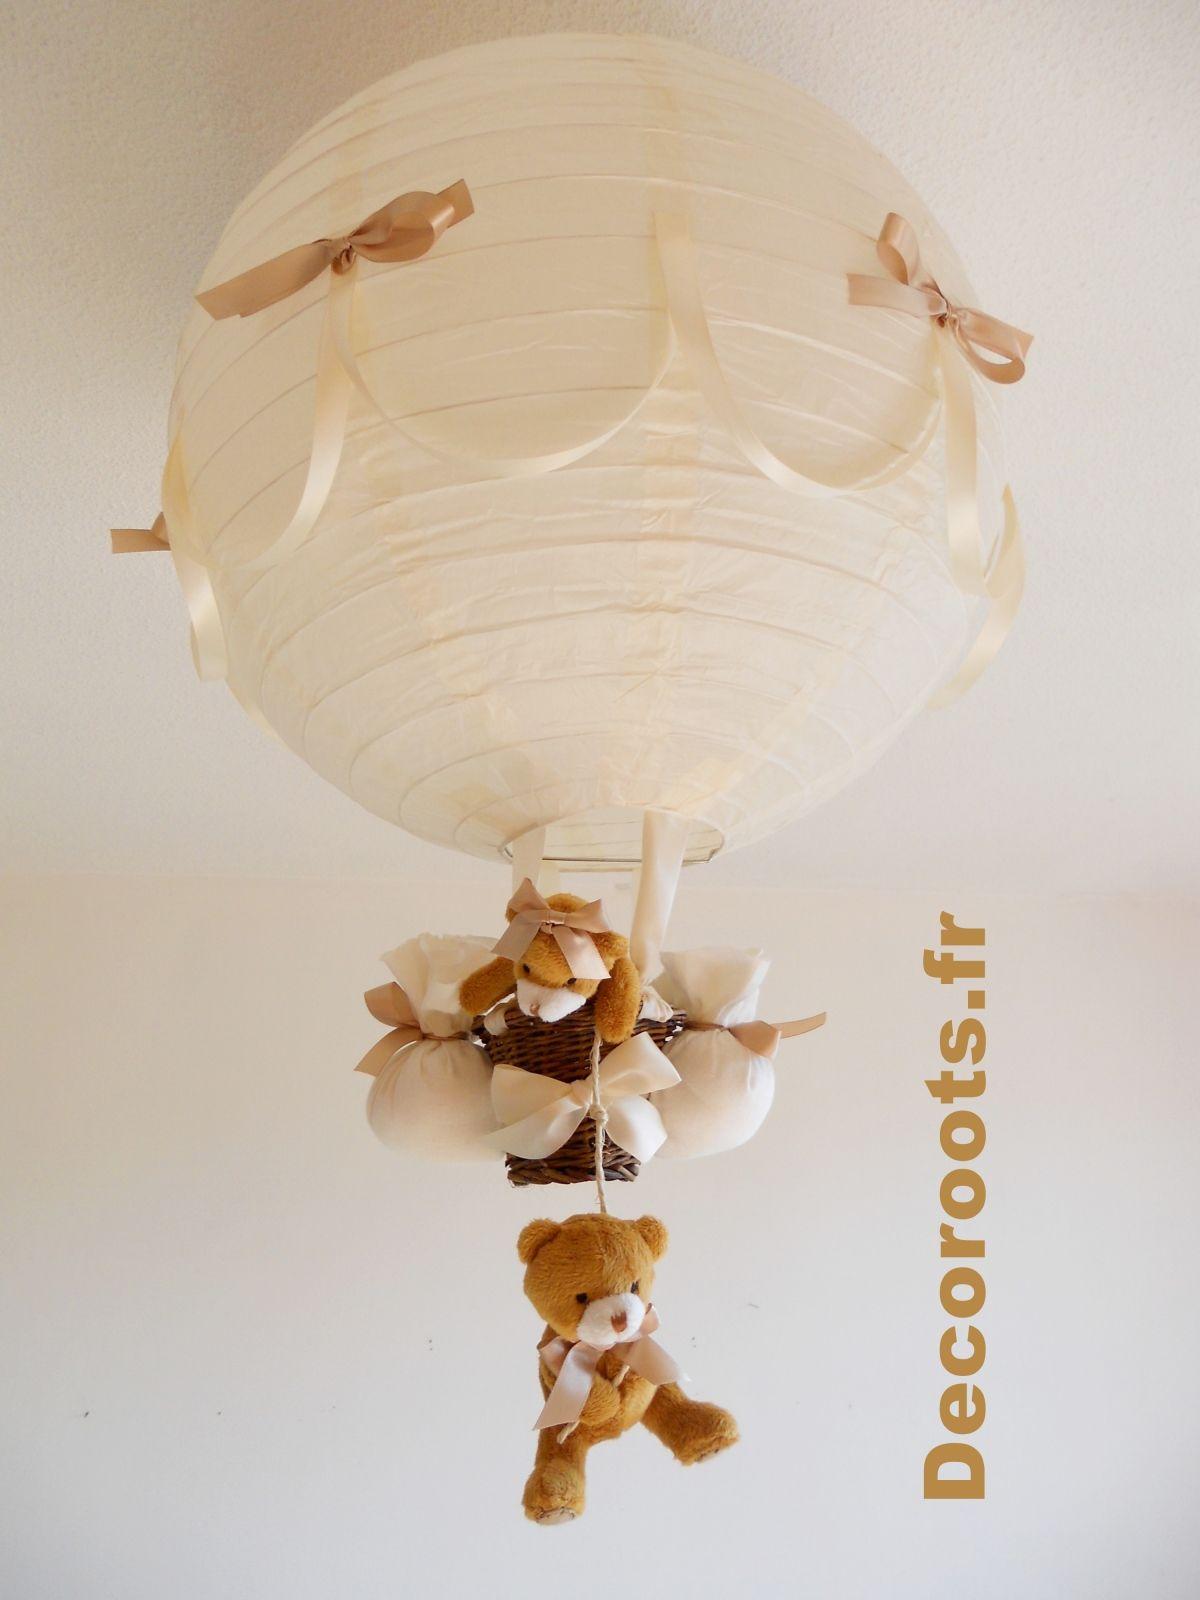 lampe montgolfi¨re bébé enfant ours beige